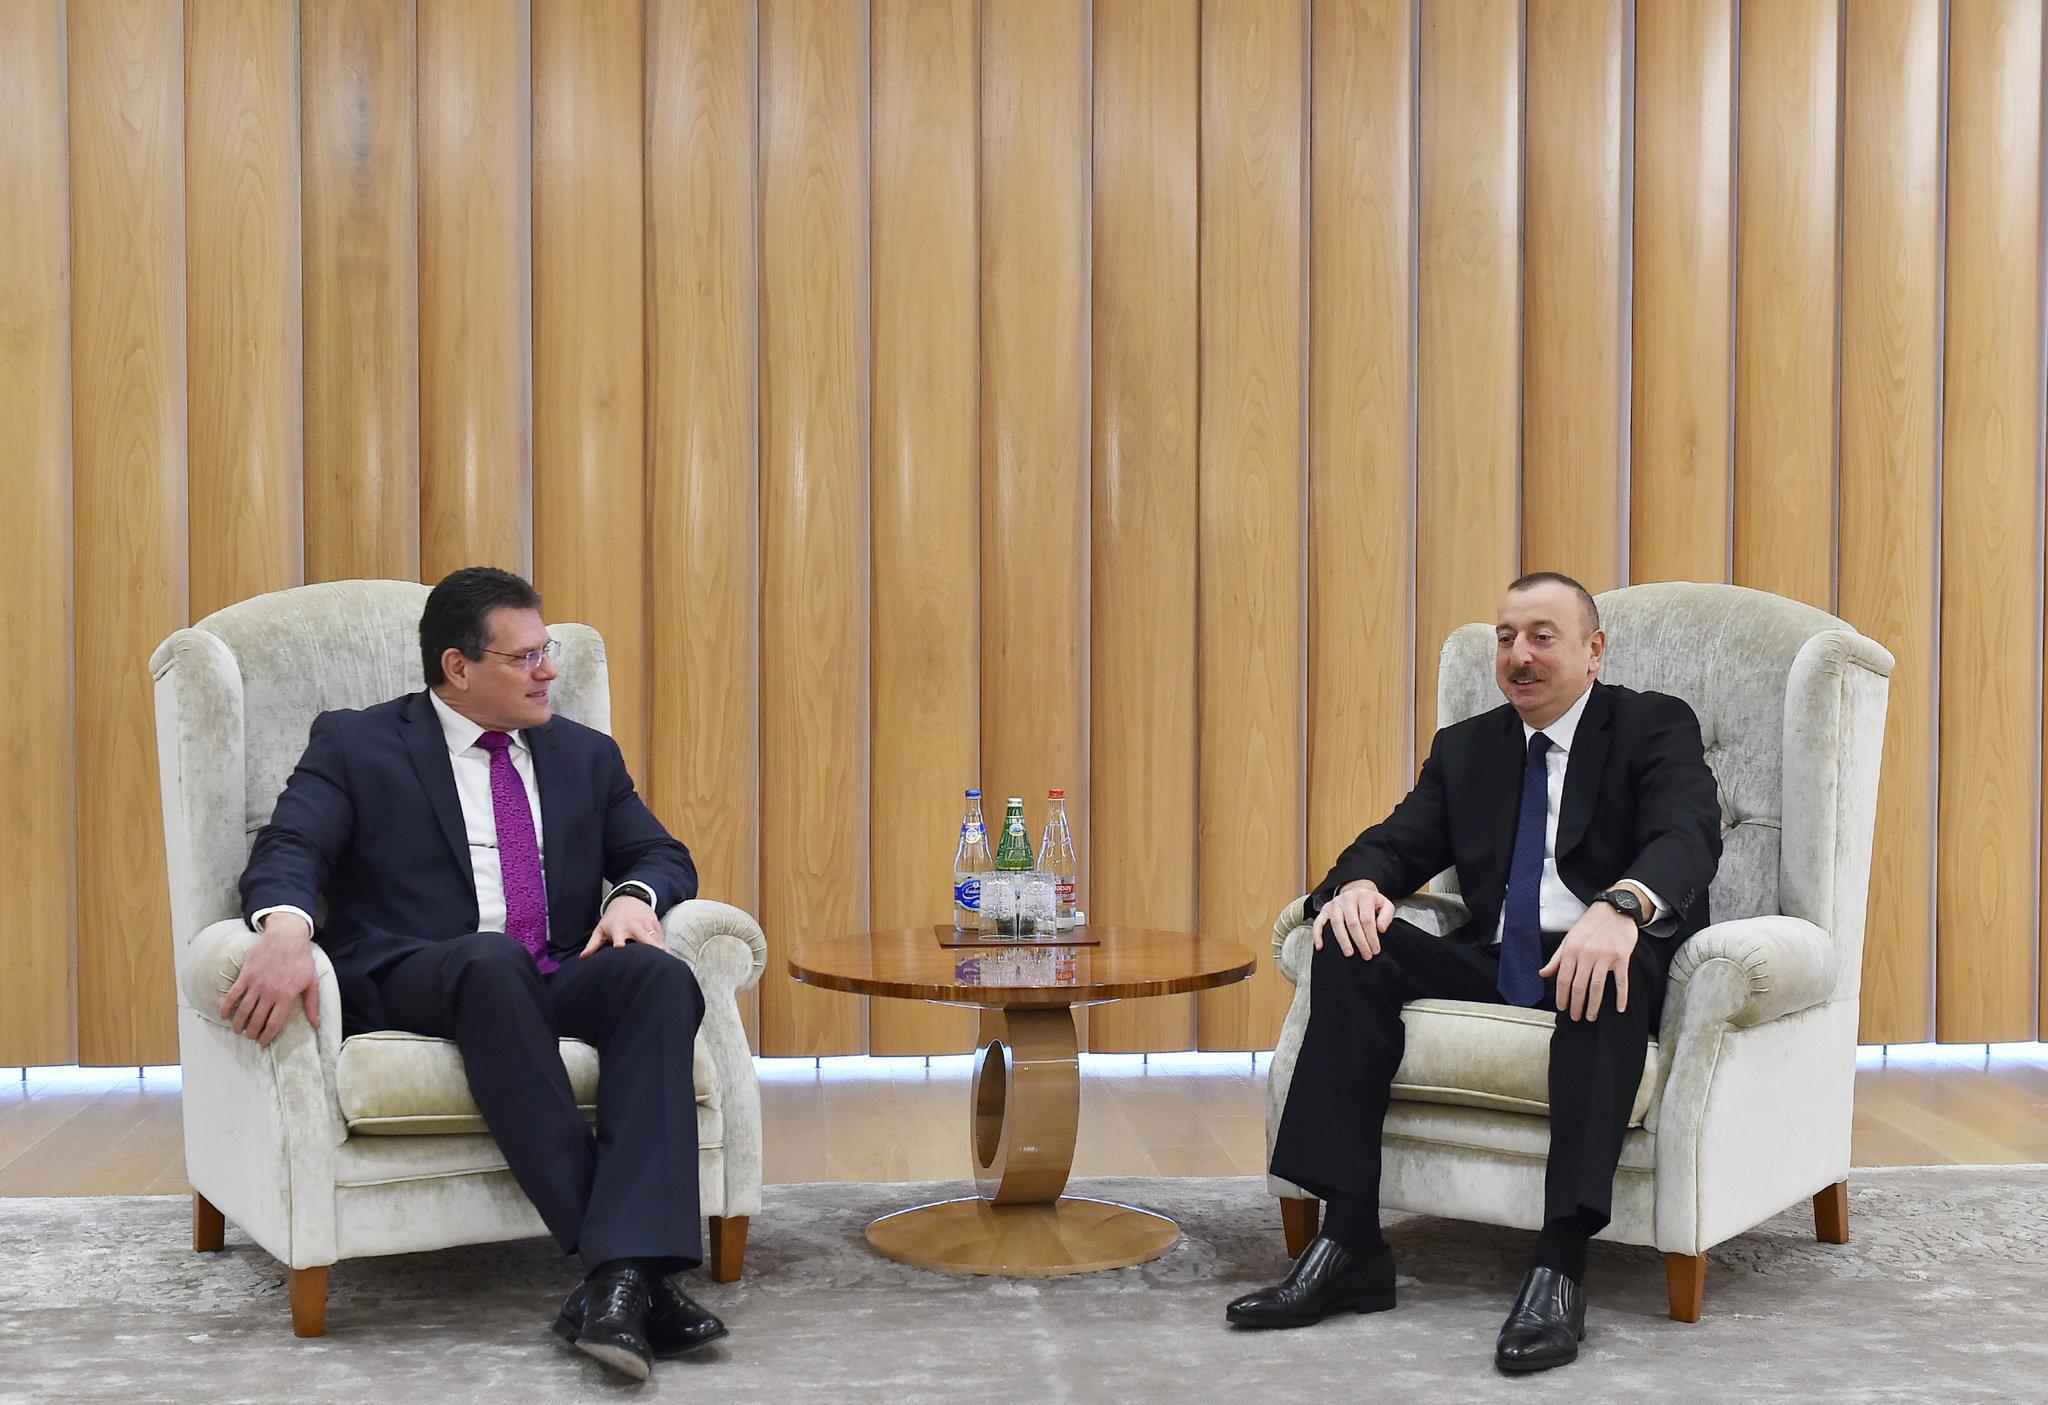 Ильхам Алиев встретился с вице-президентом Европейской комиссии по Энергетическому союзу, сопредседателем Консультативного совета Южного газового коридора Марошом Шефчовичем